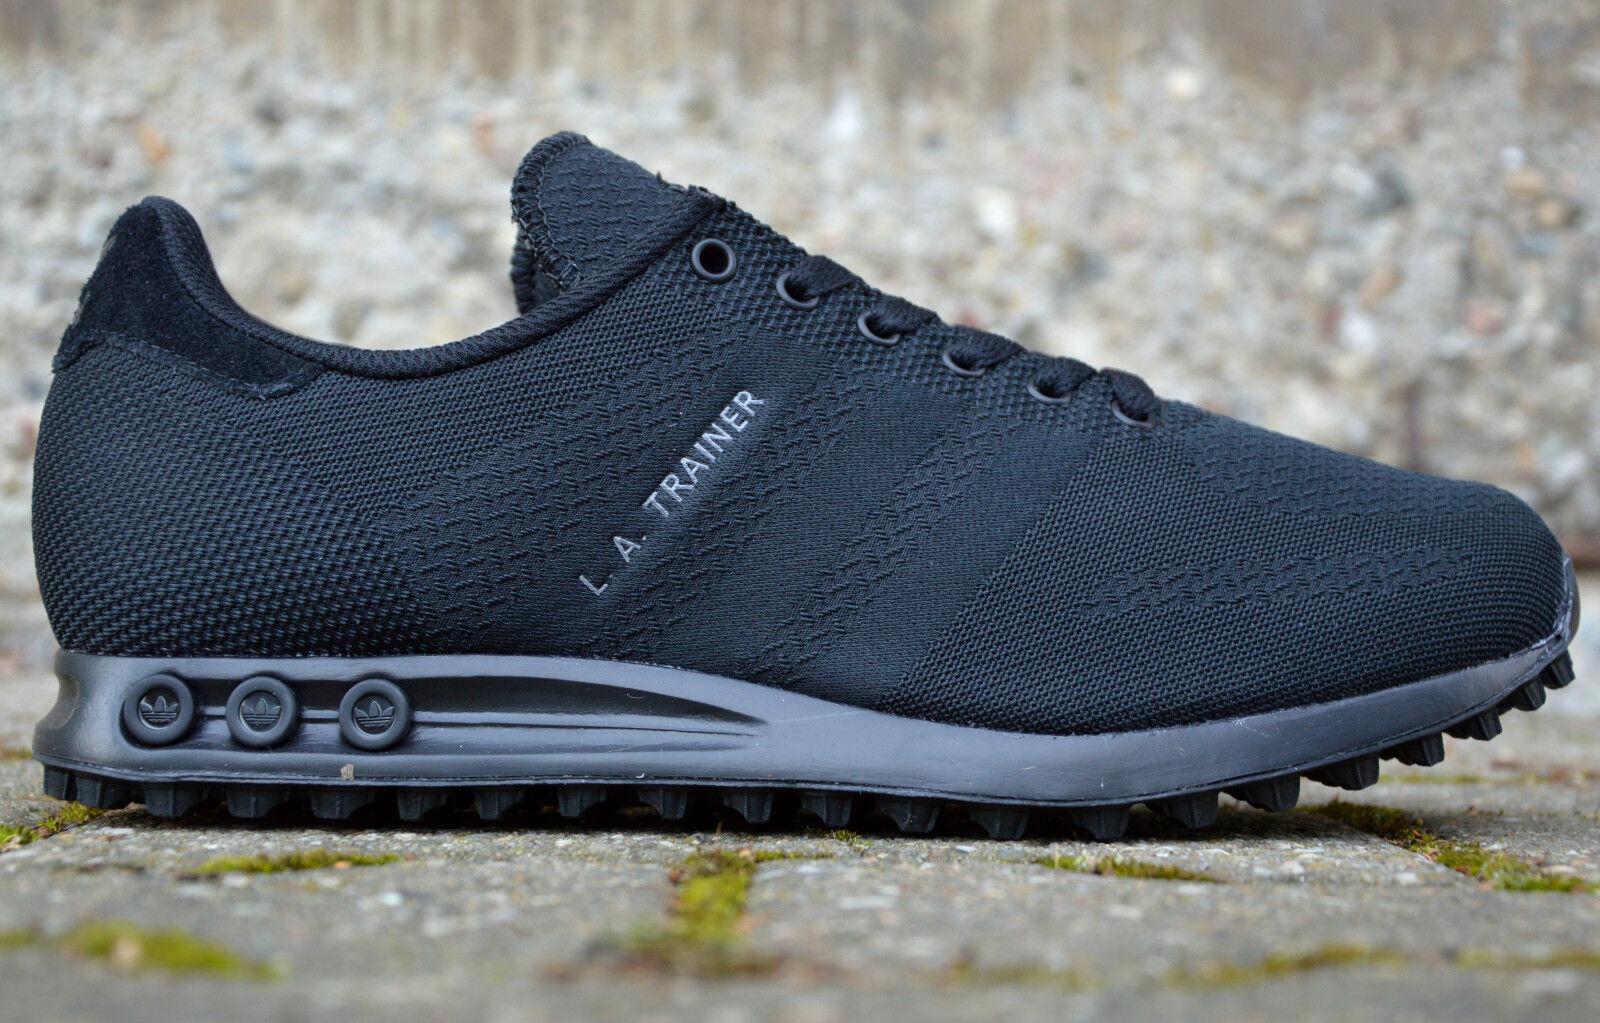 Adidas La Trainer Men's shoes Trainers black Retro